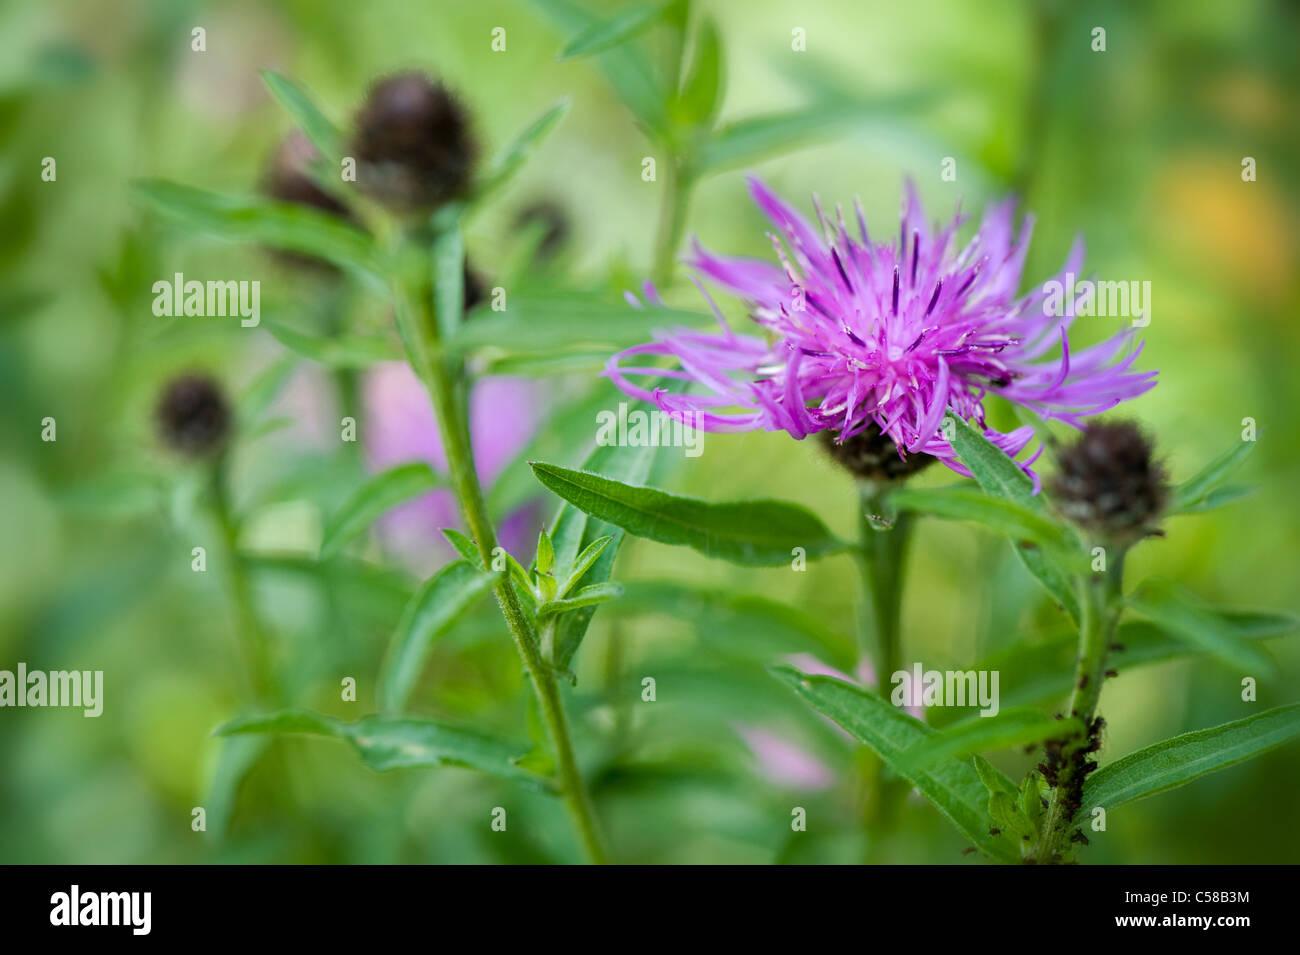 Purple Thistle Like Flower Stock Photos Purple Thistle Like Flower